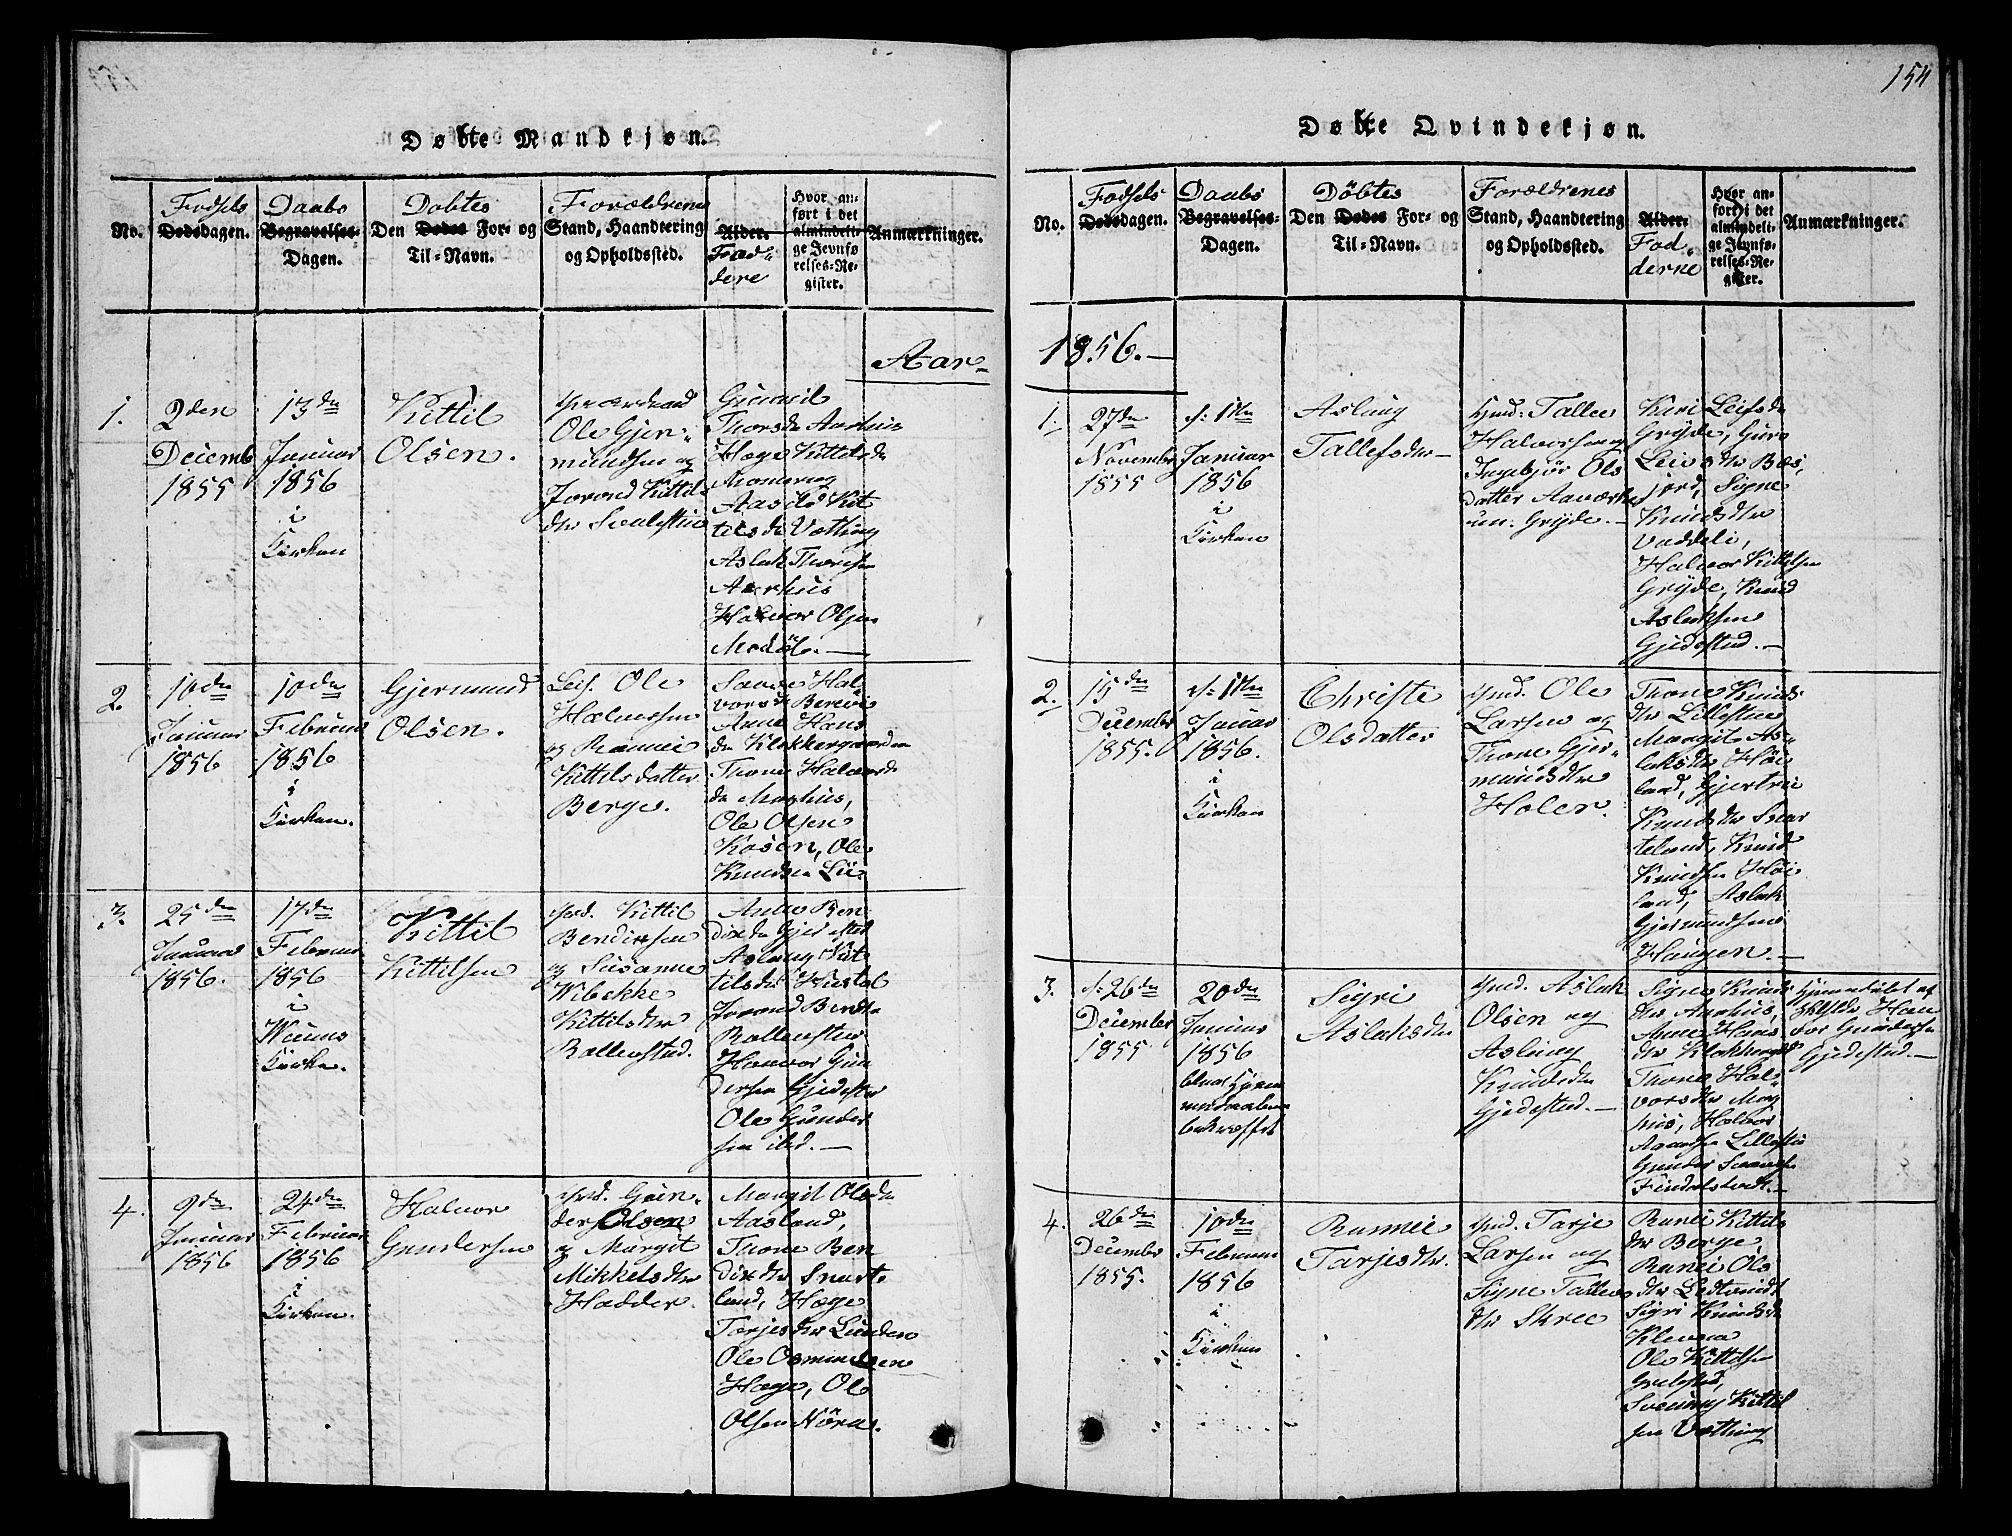 SAKO, Fyresdal kirkebøker, G/Ga/L0002: Klokkerbok nr. I 2, 1815-1857, s. 154